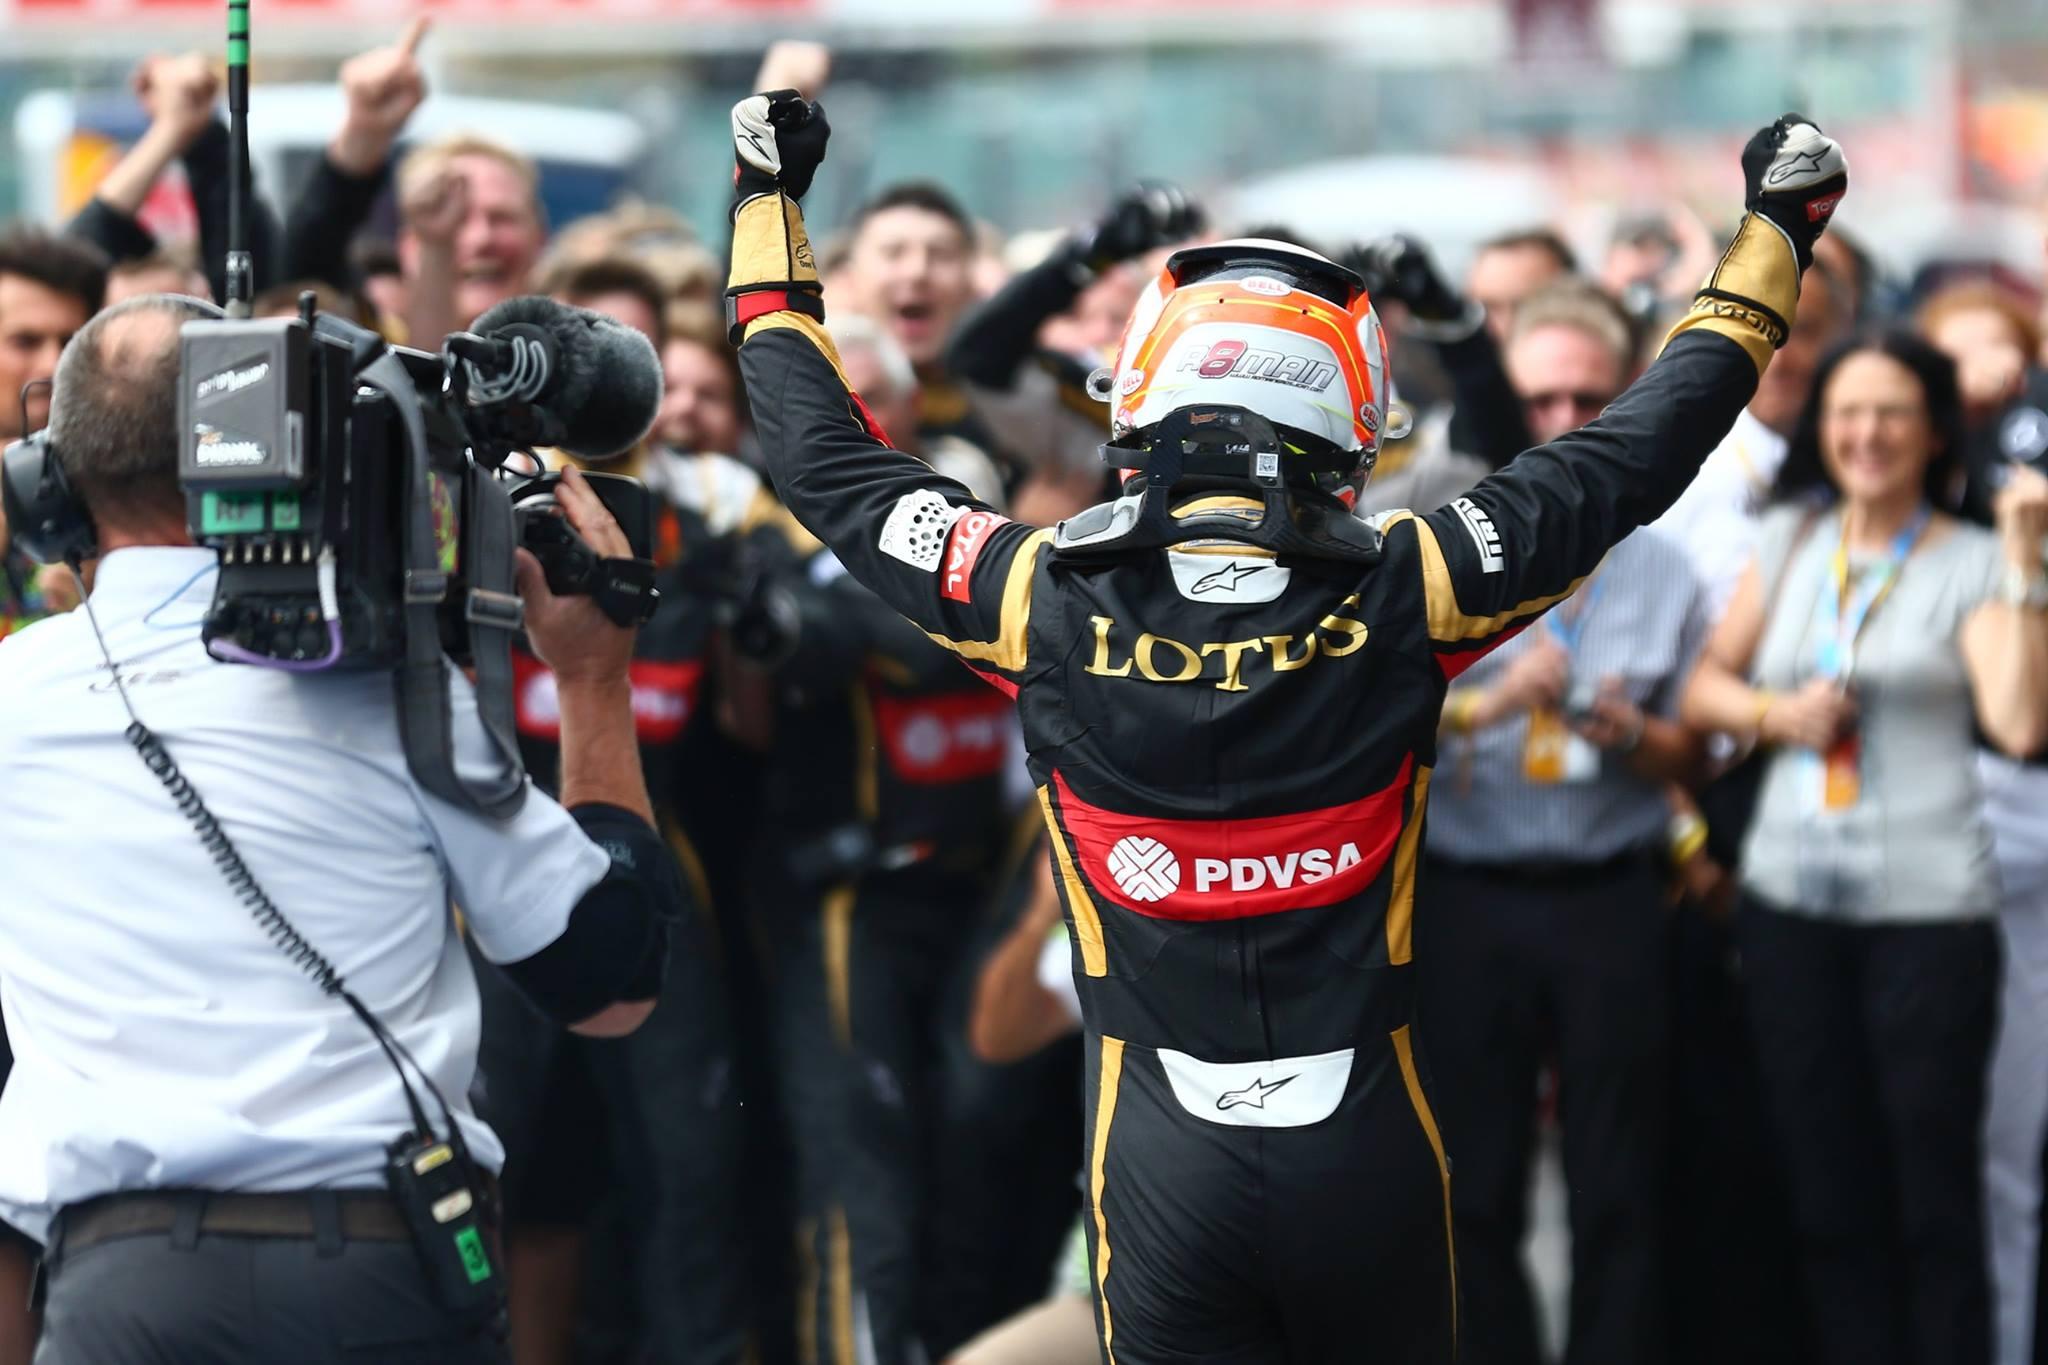 Lotus vit sa pire saison d'un point de vue financier